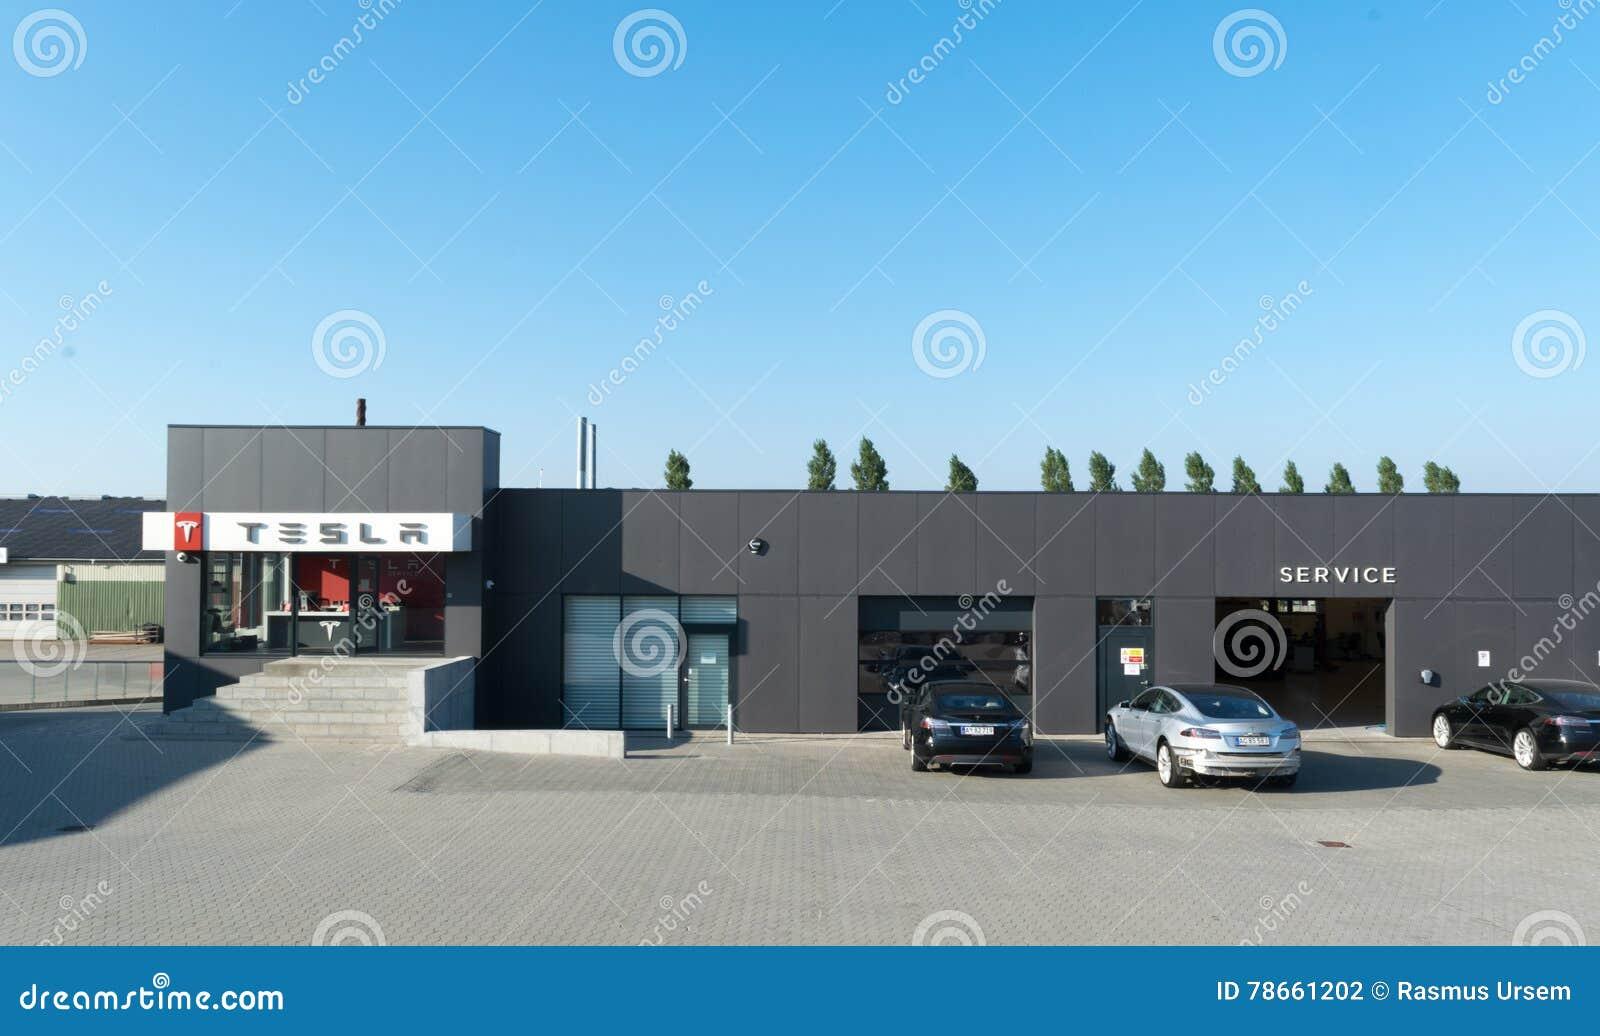 Aarhus, Dinamarca - 14 de setembro de 2016: Carros que esperam no serviço de Tesla